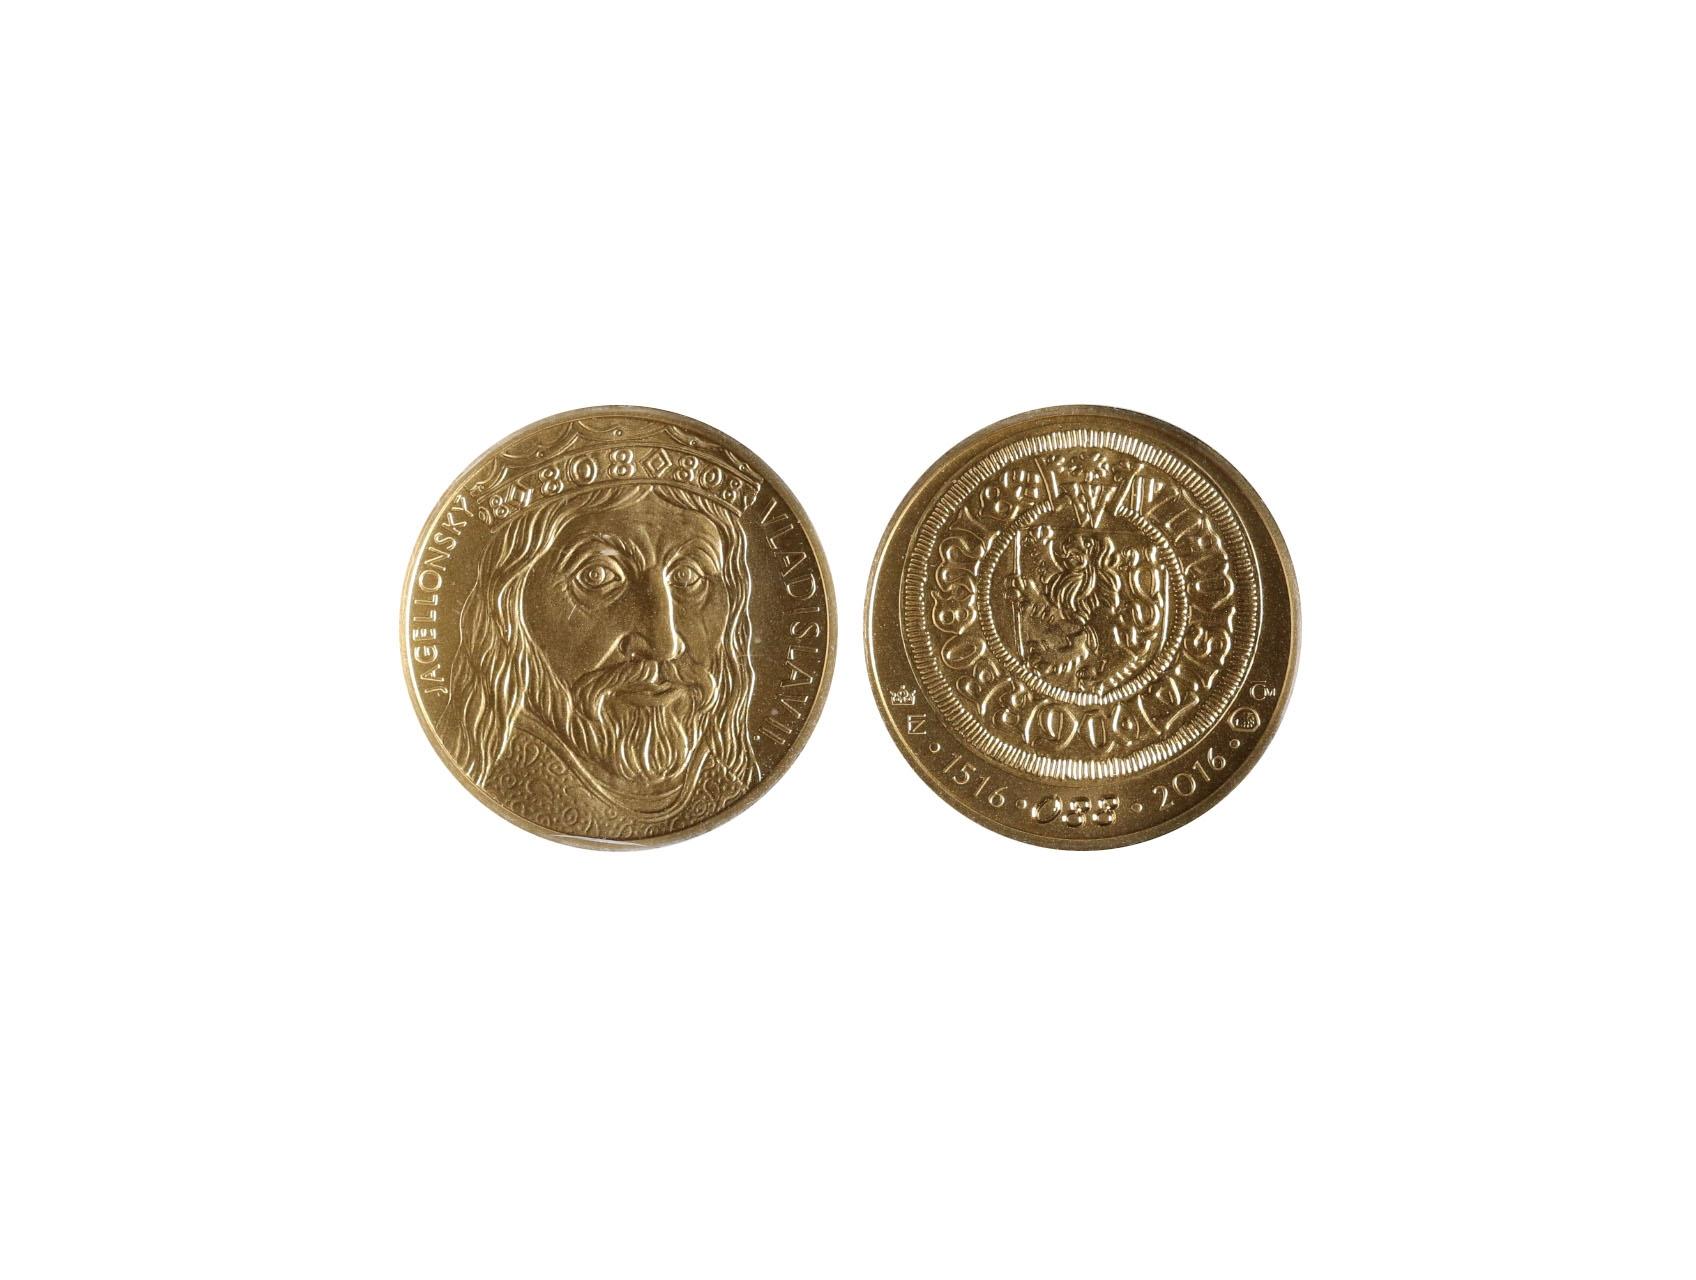 2016, Česká mincovna, zlatá medaile Vladislav II. 1 Dukát, Au 0,986, 3,49g, náklad 250 ks, číslovaný č. 88, luxusní etue, certifikát podepsaný autory Fojtů a Němečková